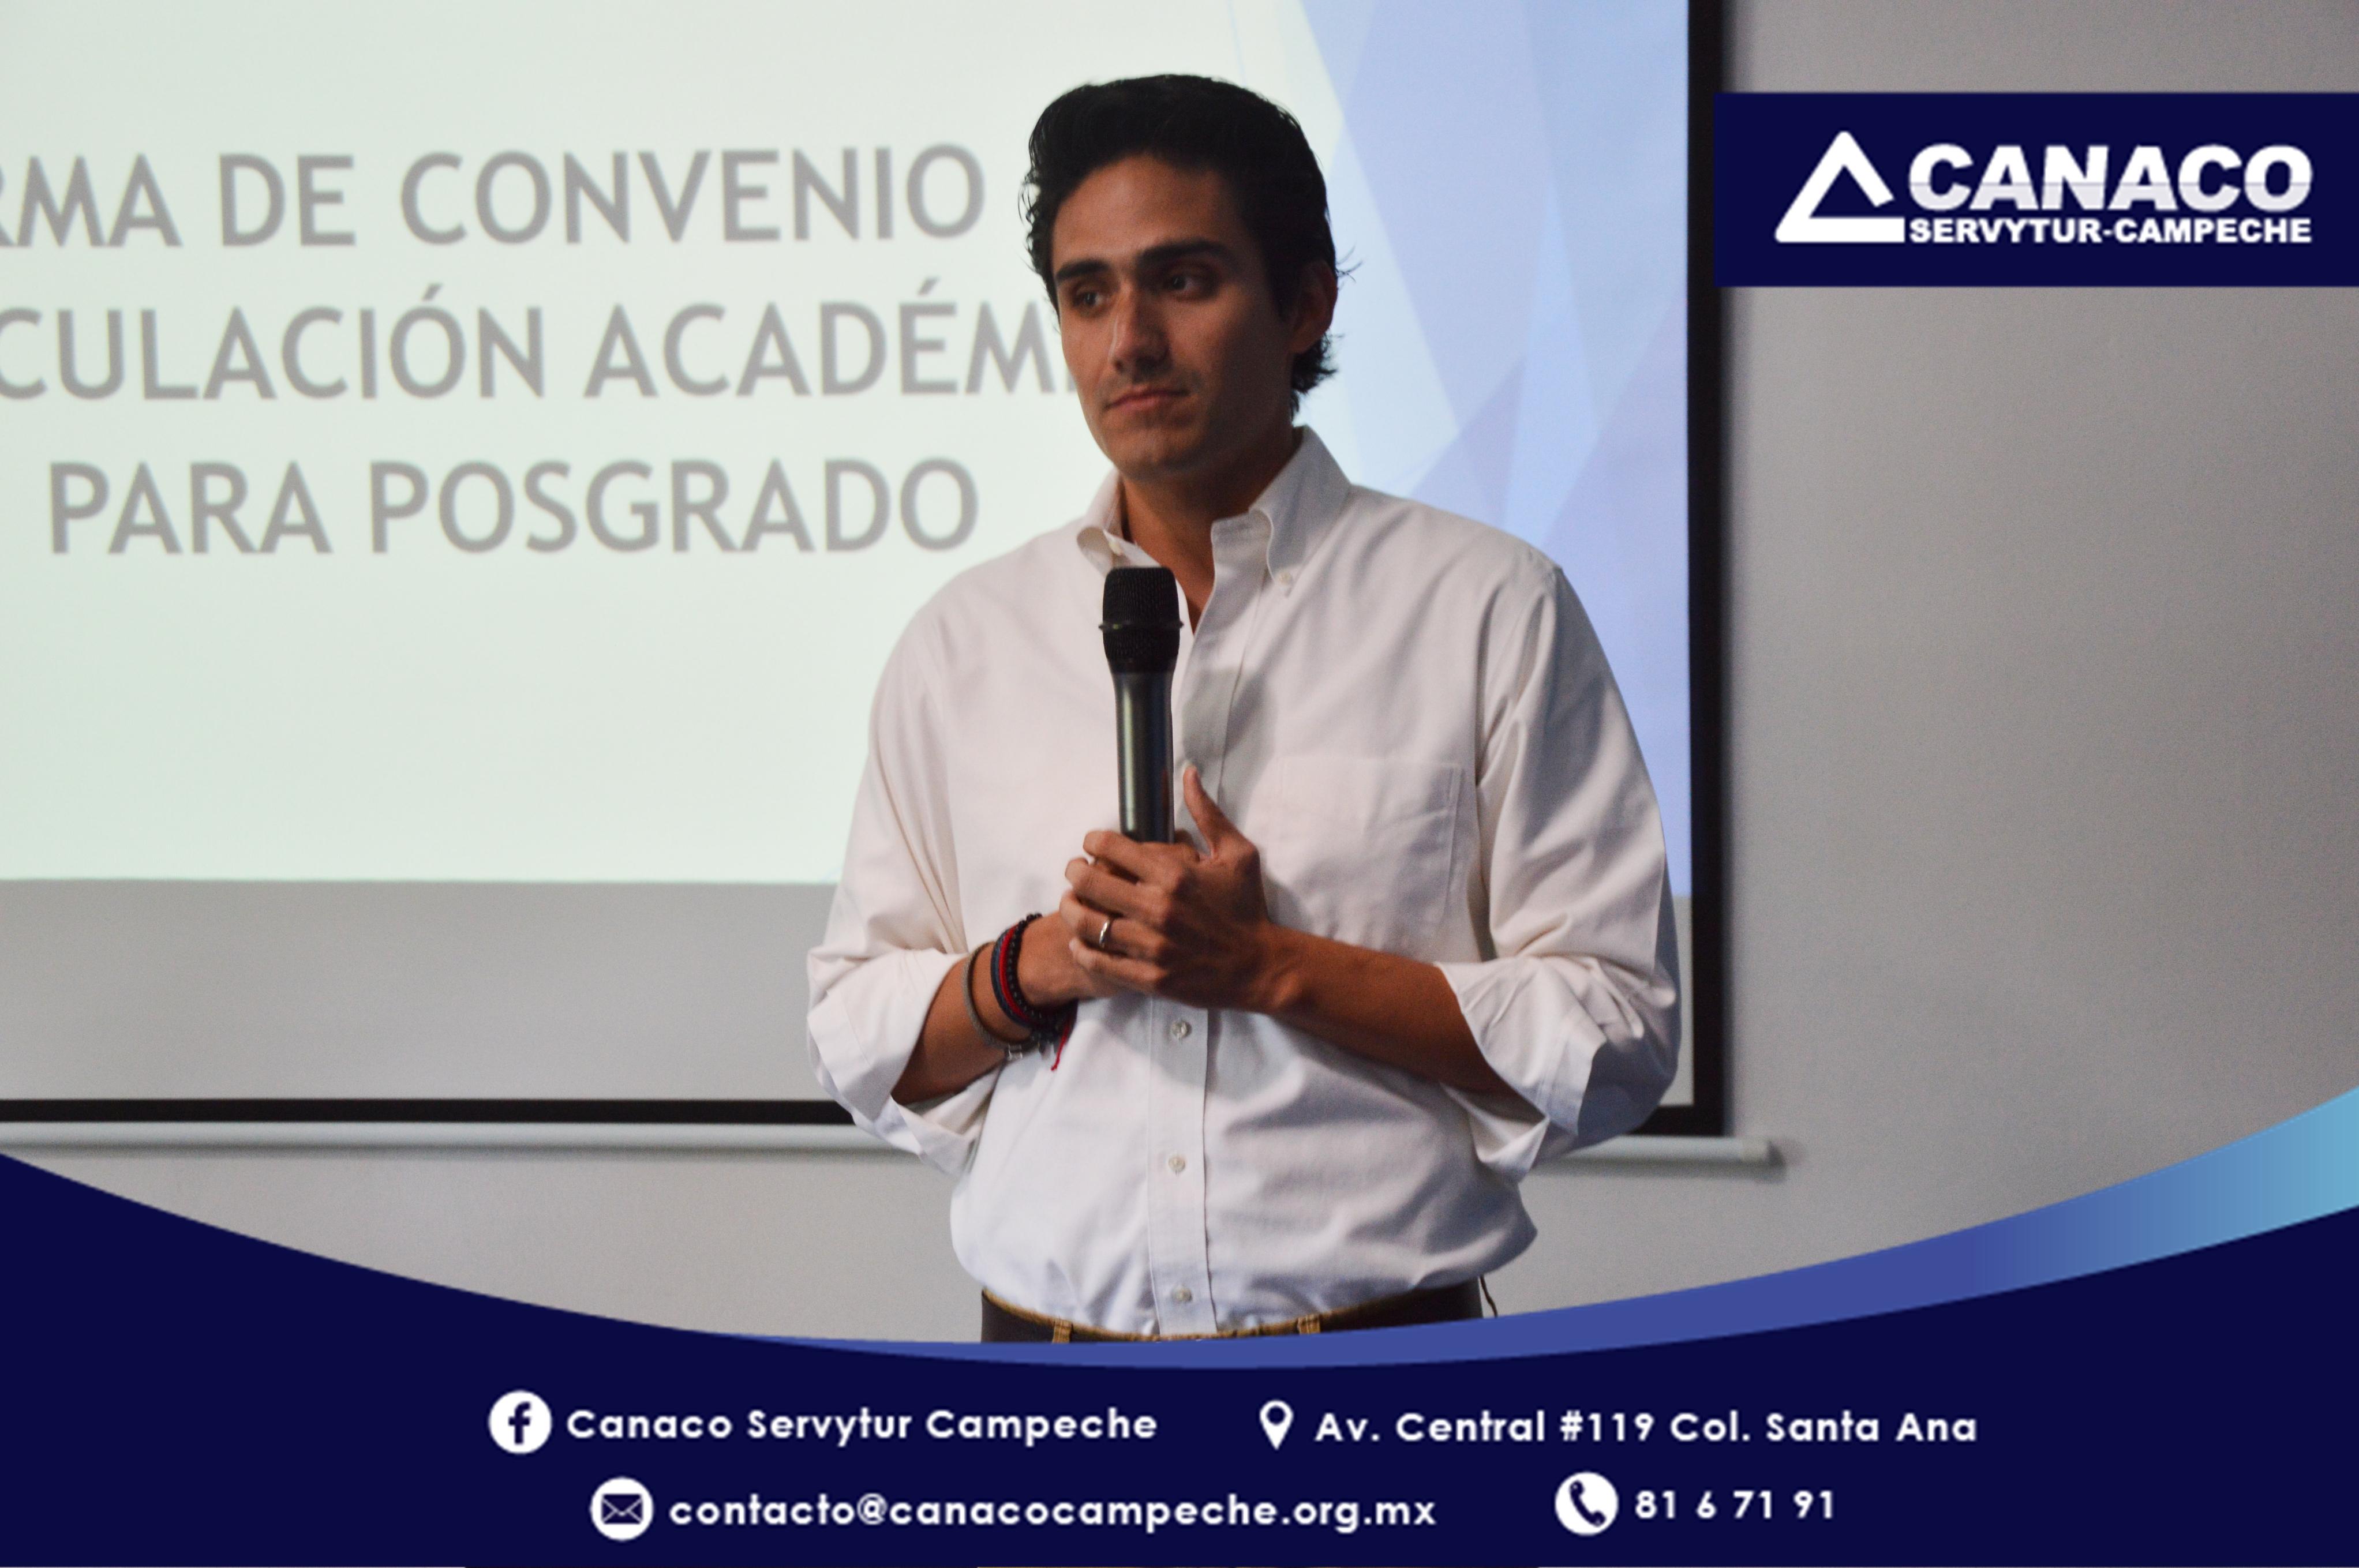 ConvenioCEUM-CANACO005